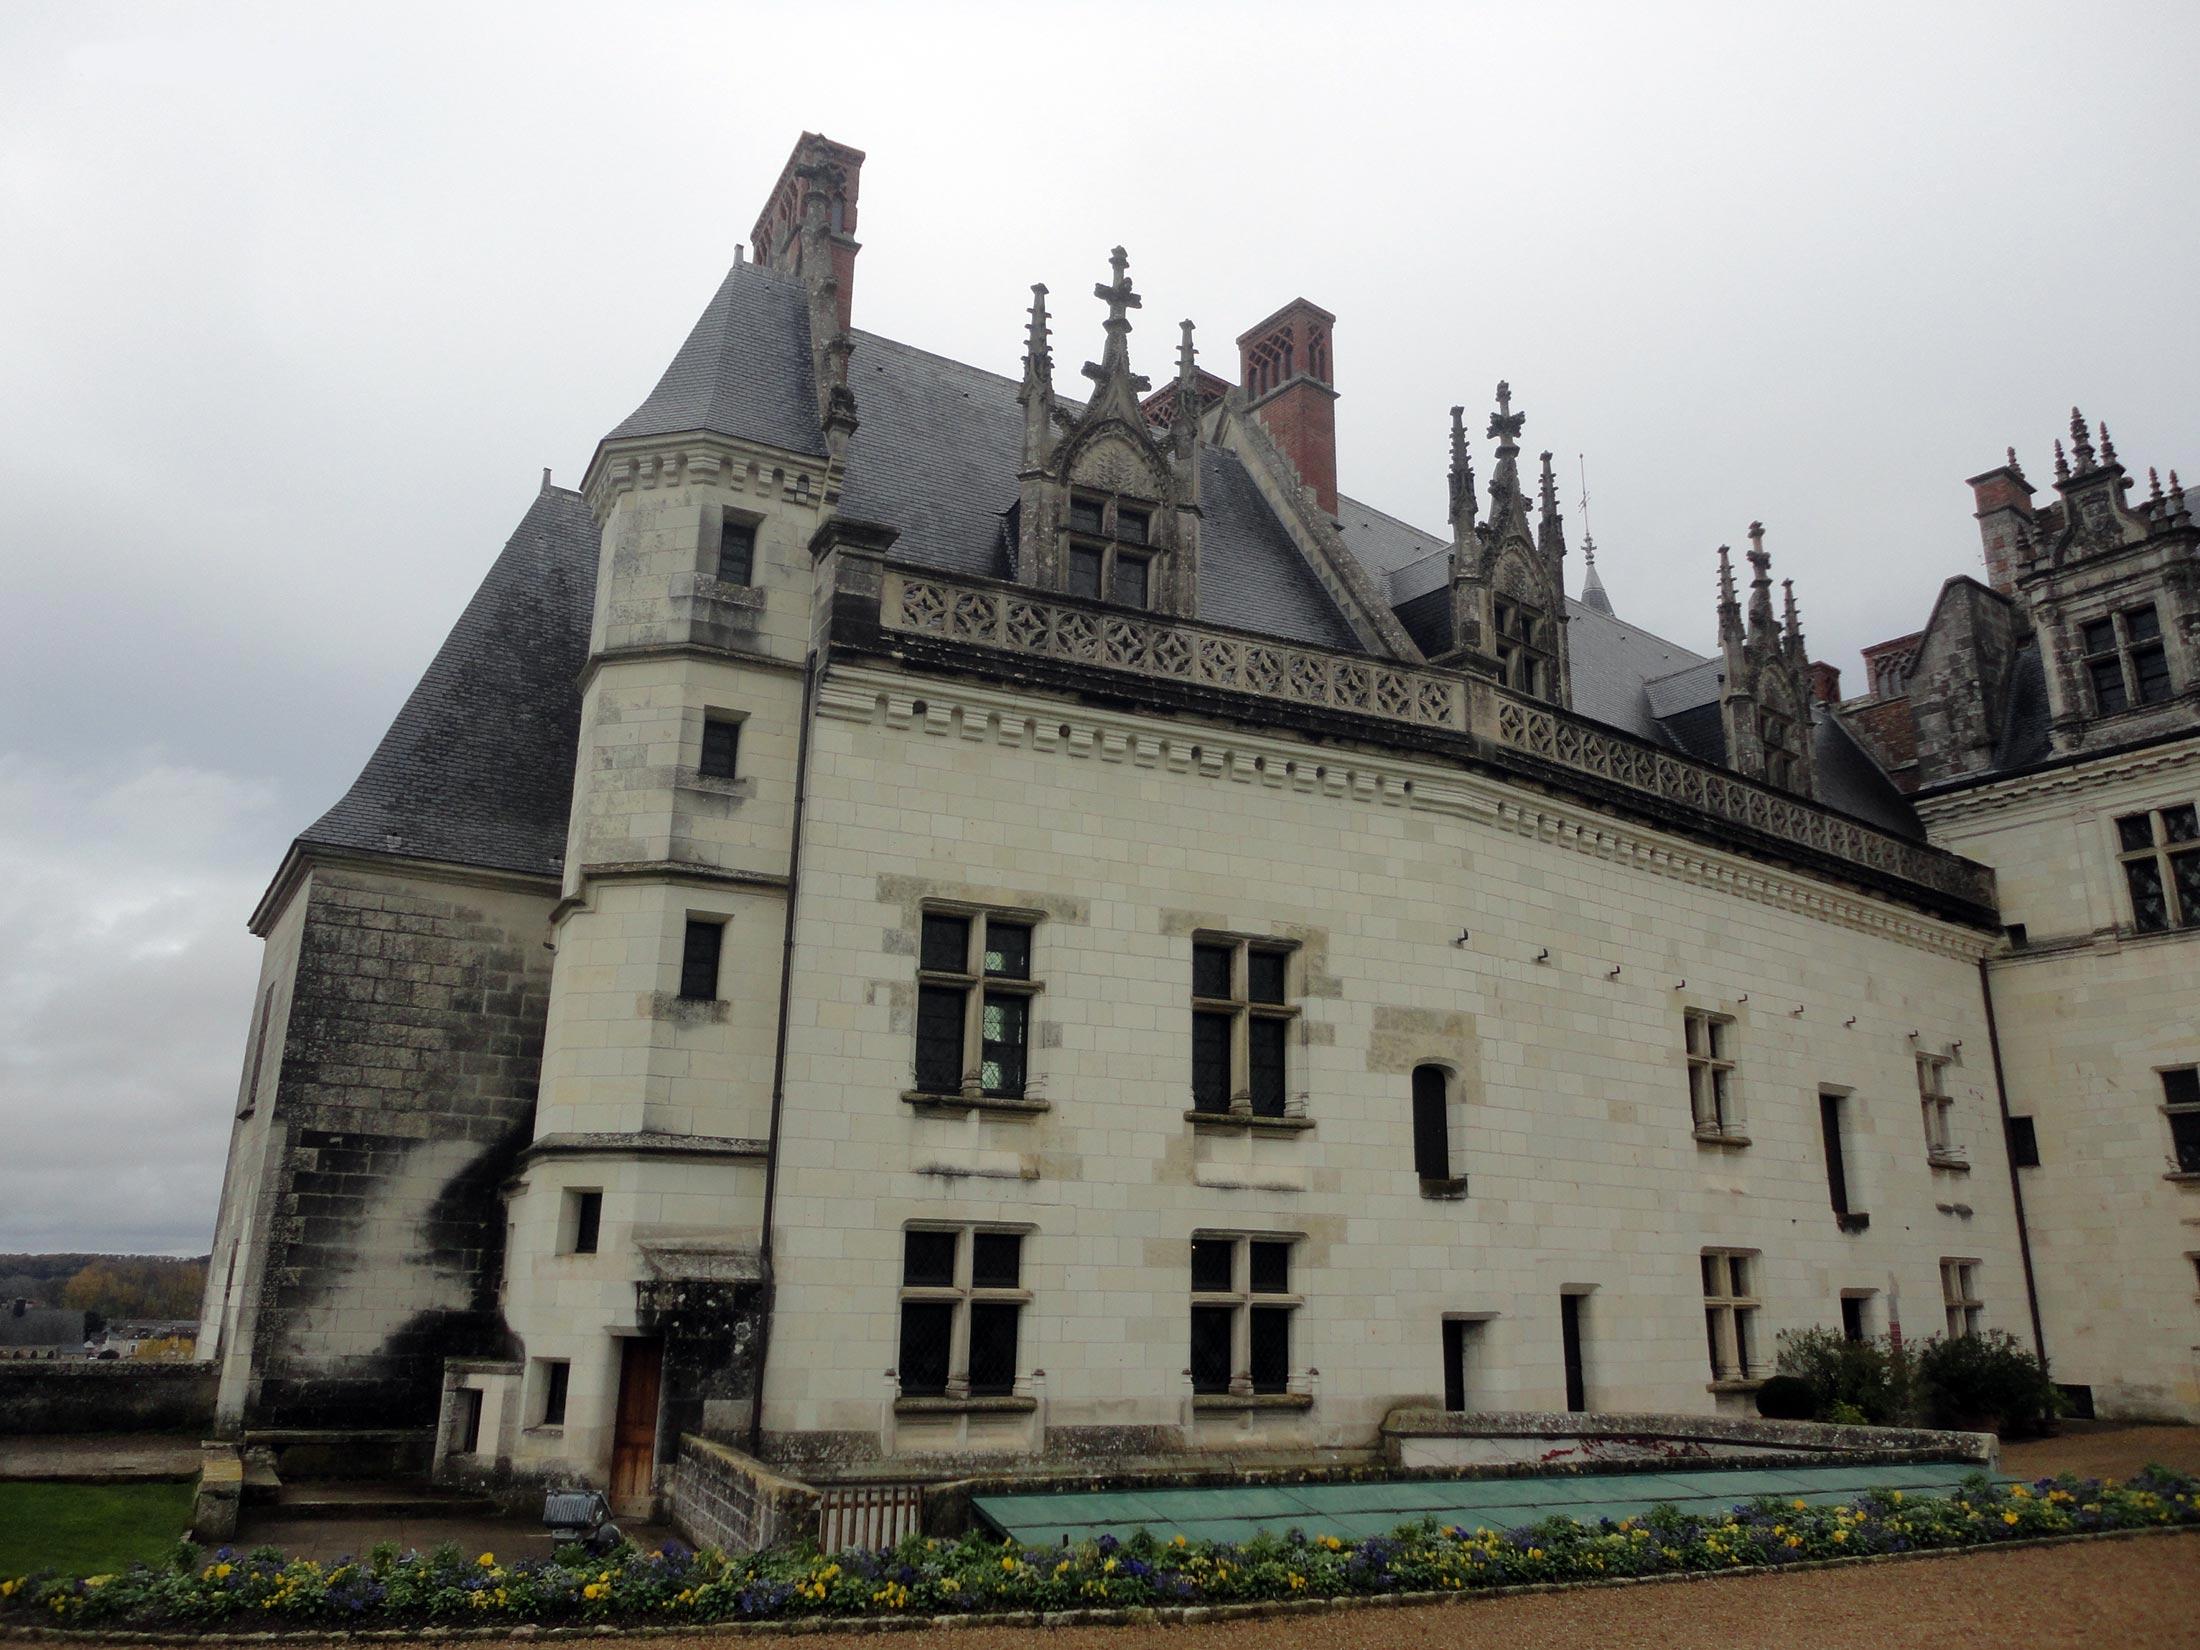 Замок Амбуаз готический дворец, экскурсия